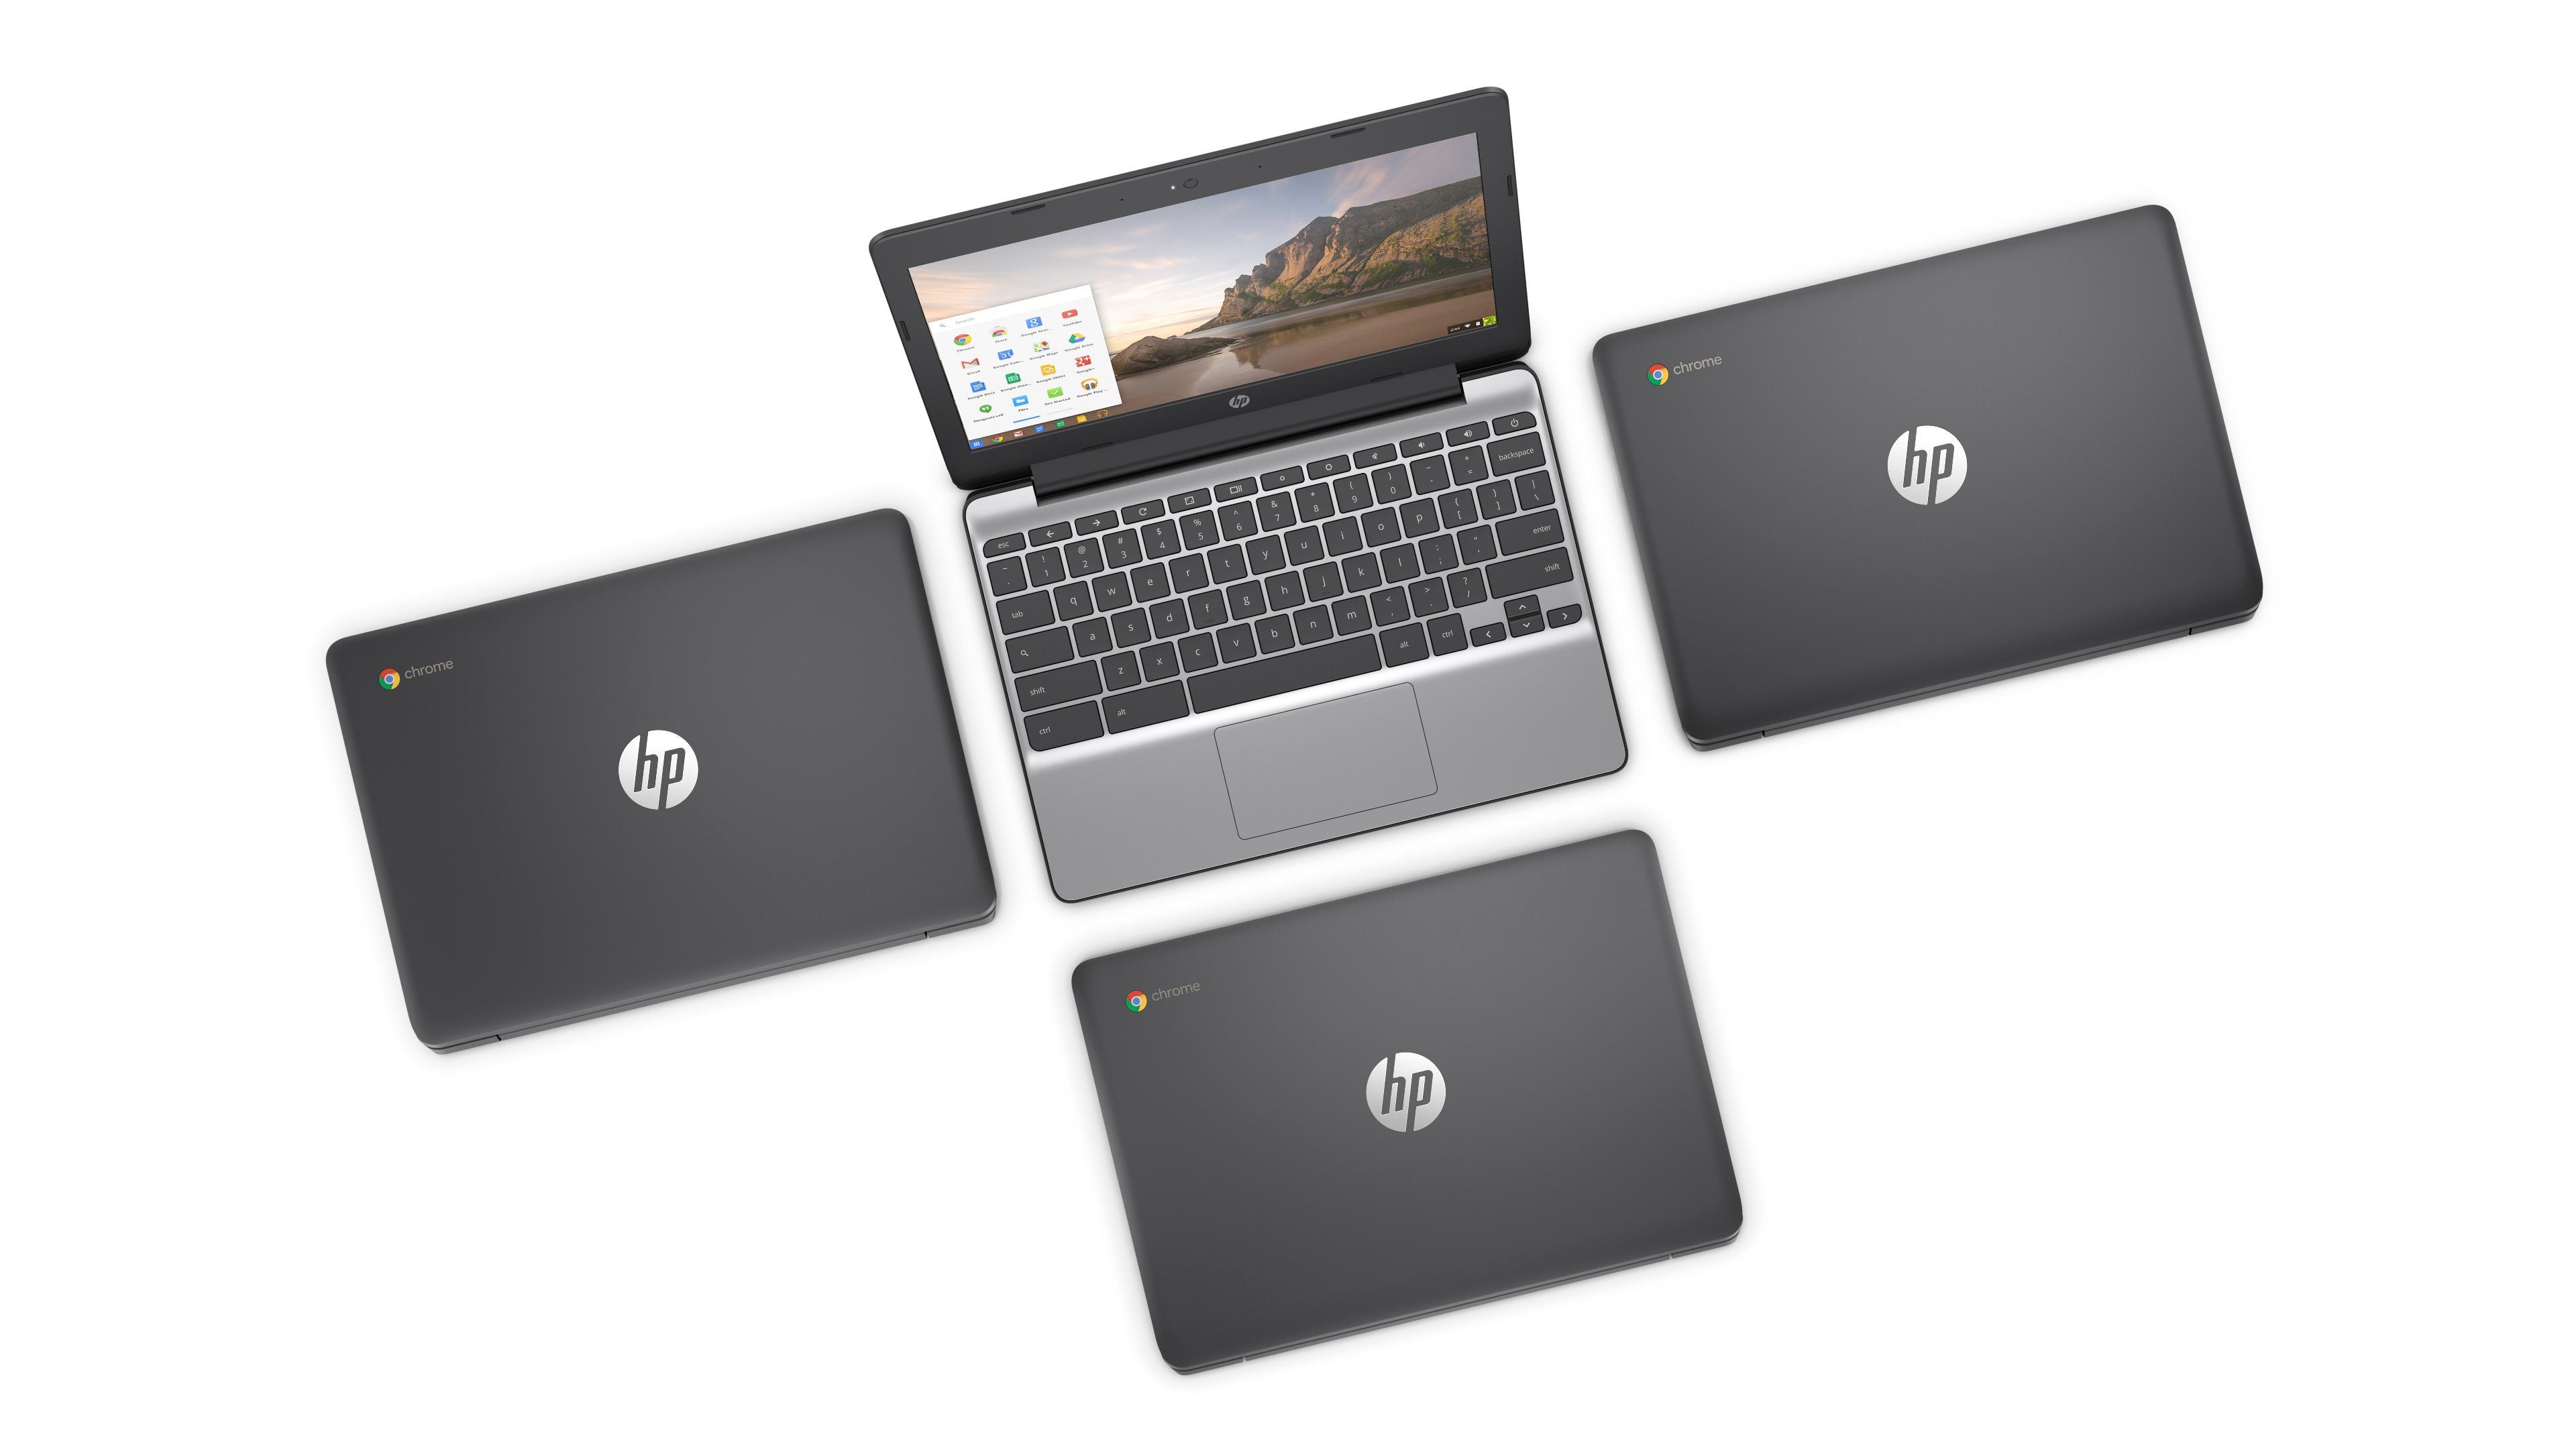 HP Chromebook 11-v000na 11 6-inch HD Laptop (Ash Grey) - (Intel Celeron  N3060, 2GB RAM, 16GB eMMC, Intel HD Graphics Card, Chrome OS)